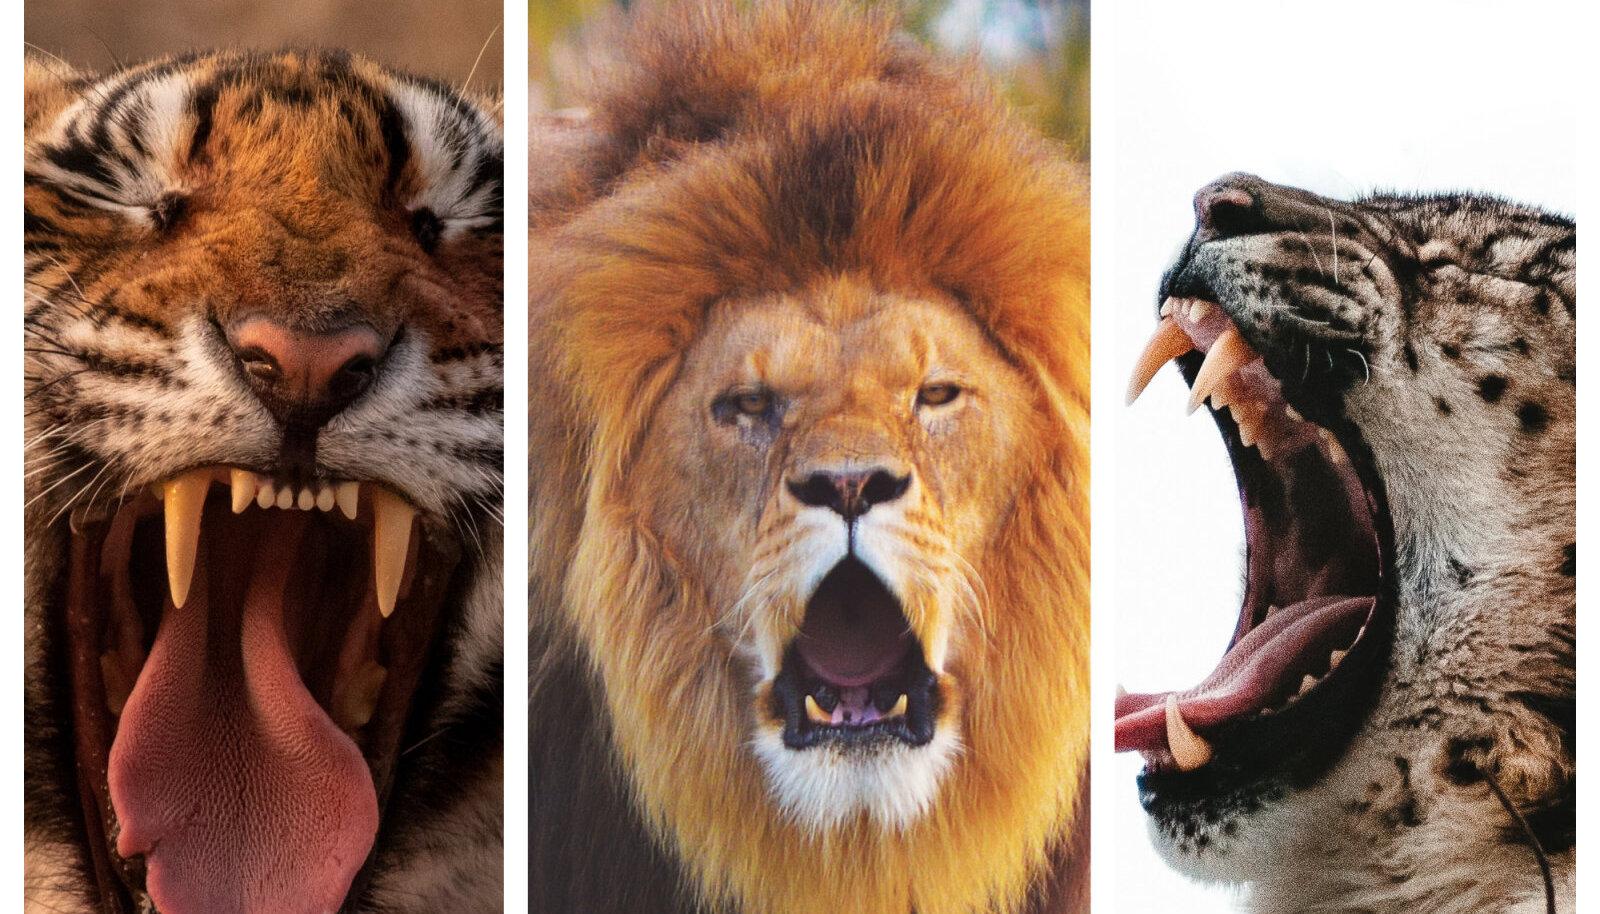 Lõvid on sotsiaalsed kaslased, kes elavad rühmades, mida nimetatakse praidideks.